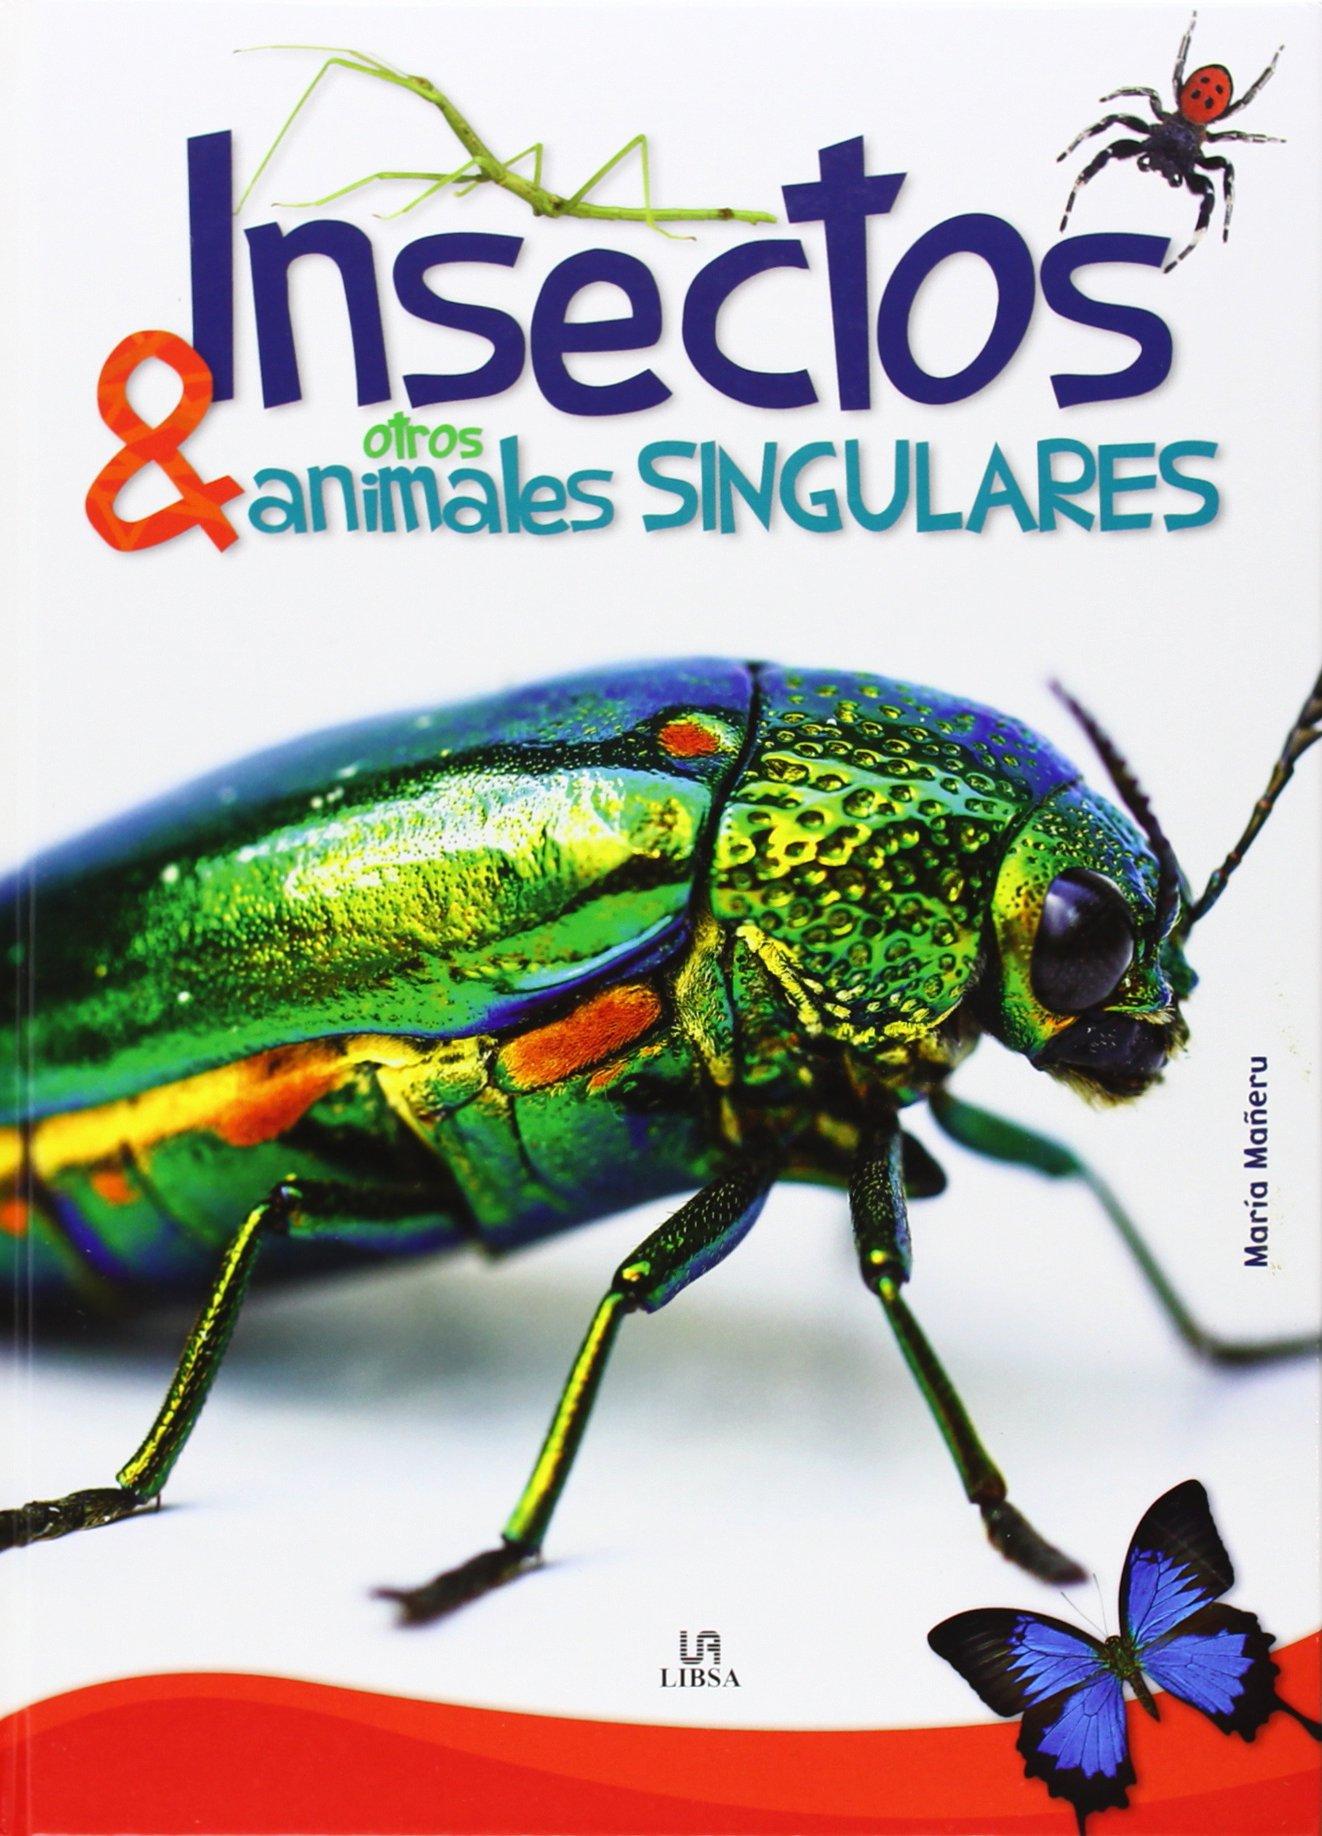 Insectos y Otros Animales Singulares (Reino Animal): Amazon.es: Mañeru, María: Libros